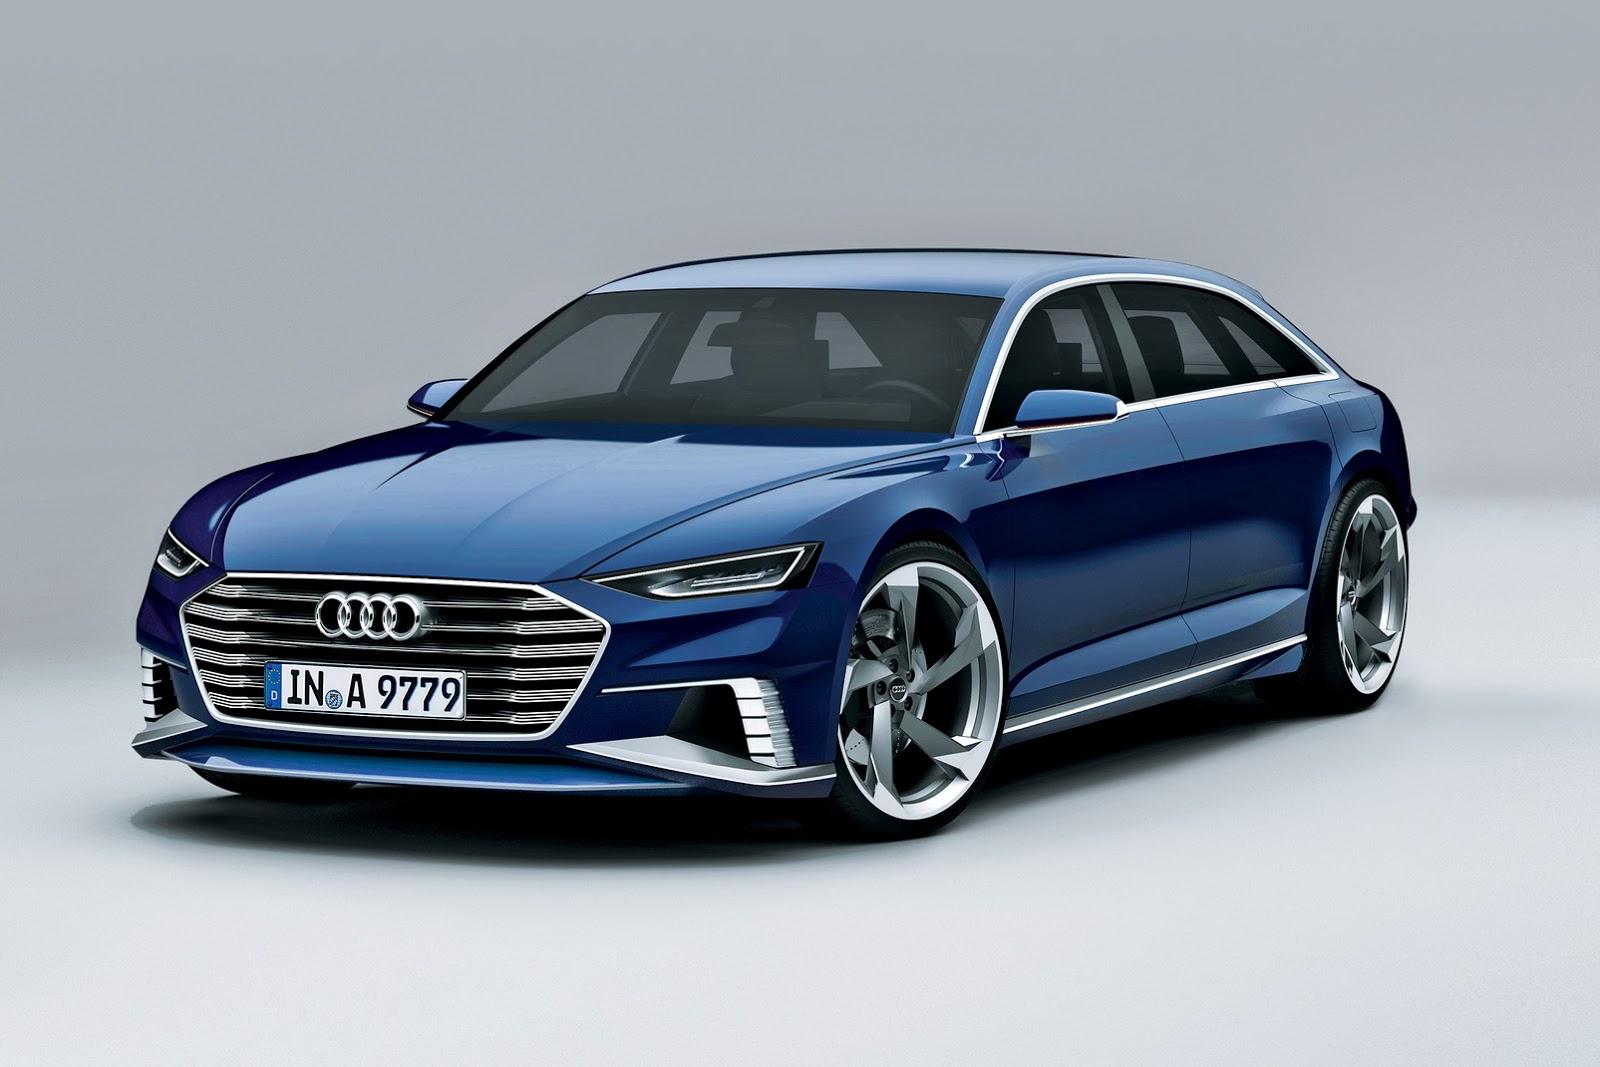 Audi | Ауди Центр Север - официальный дилер Audi в Москве ...